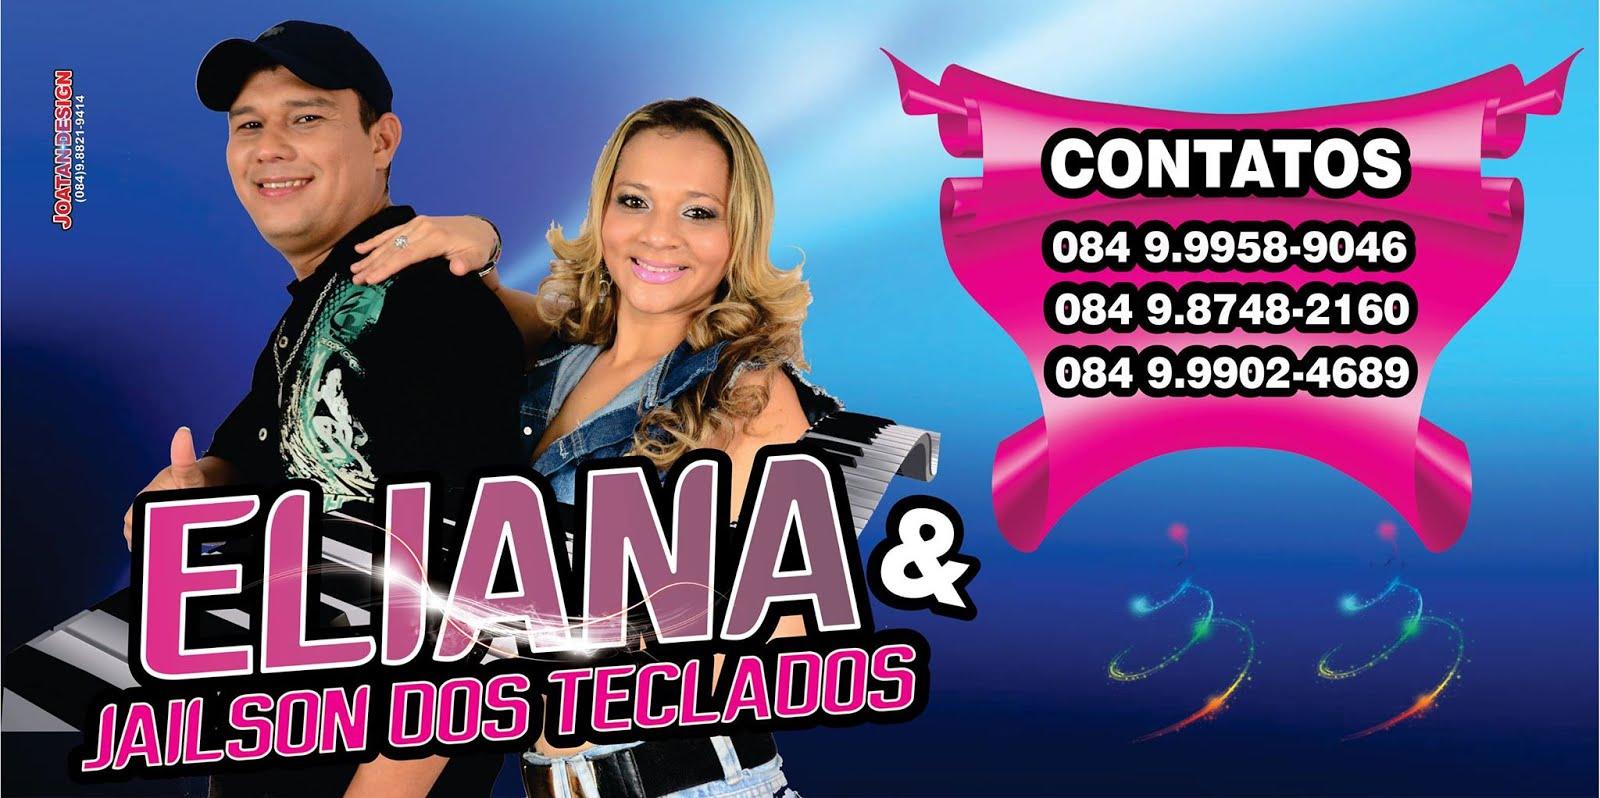 CONTATOS PRA SHOW